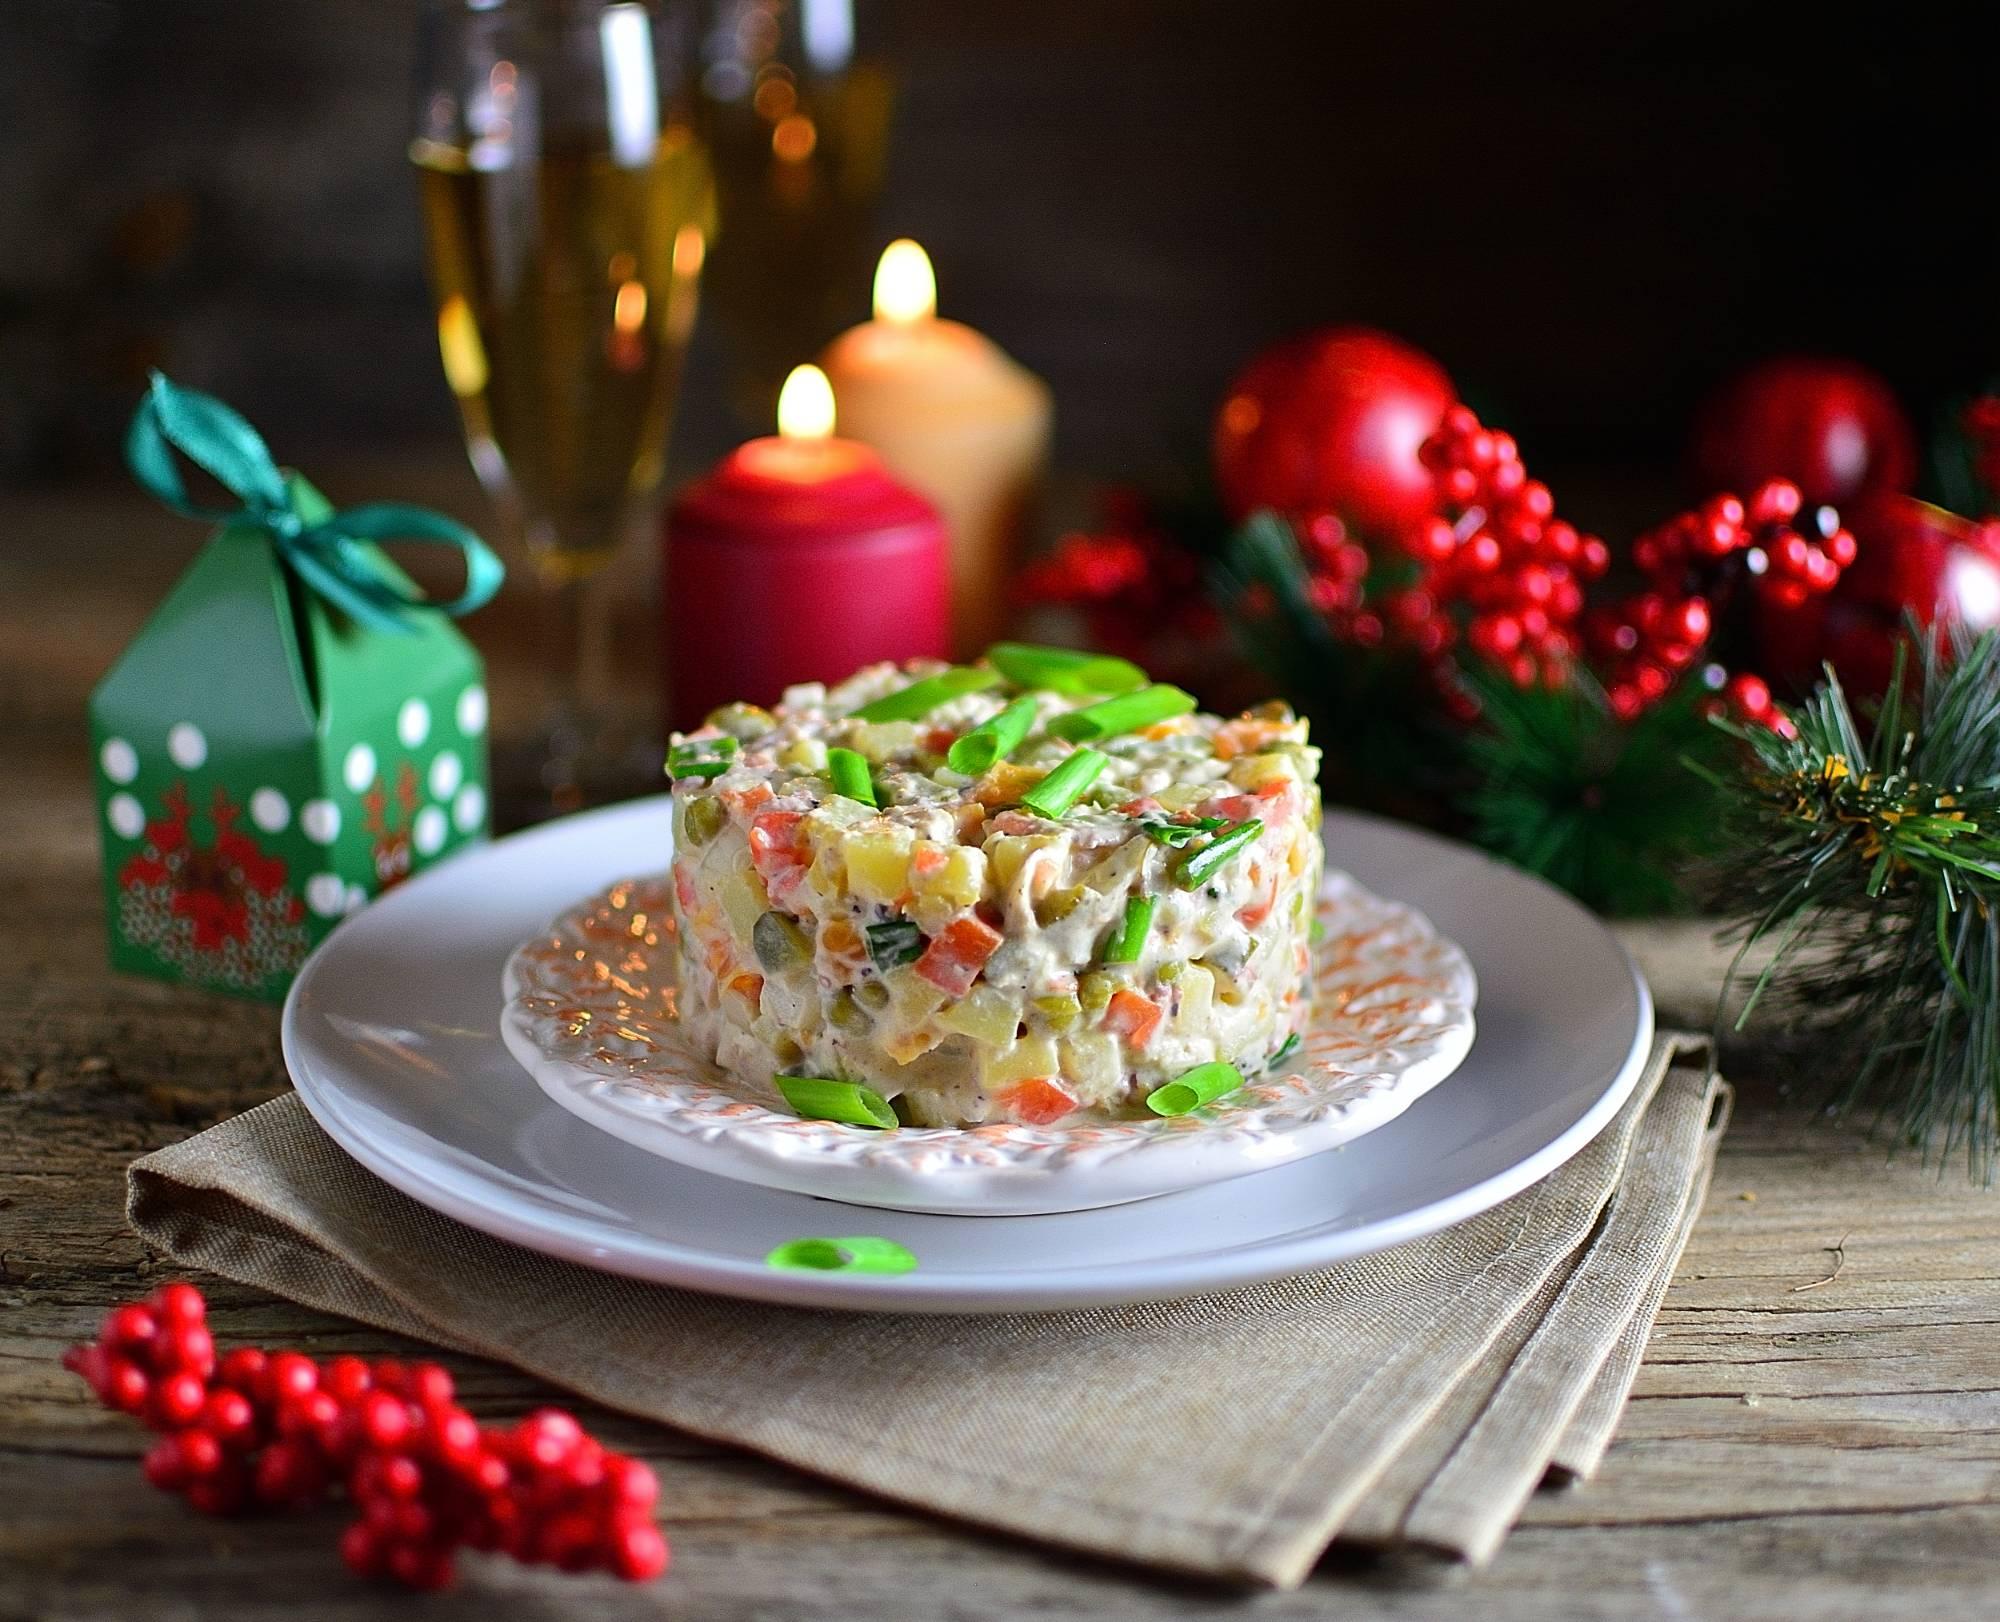 Запасы к празднику. Какие продукты для новогоднего стола выгодно купить в 'Пятёрочке', 'Дикси' и 'Магните' уже сейчас